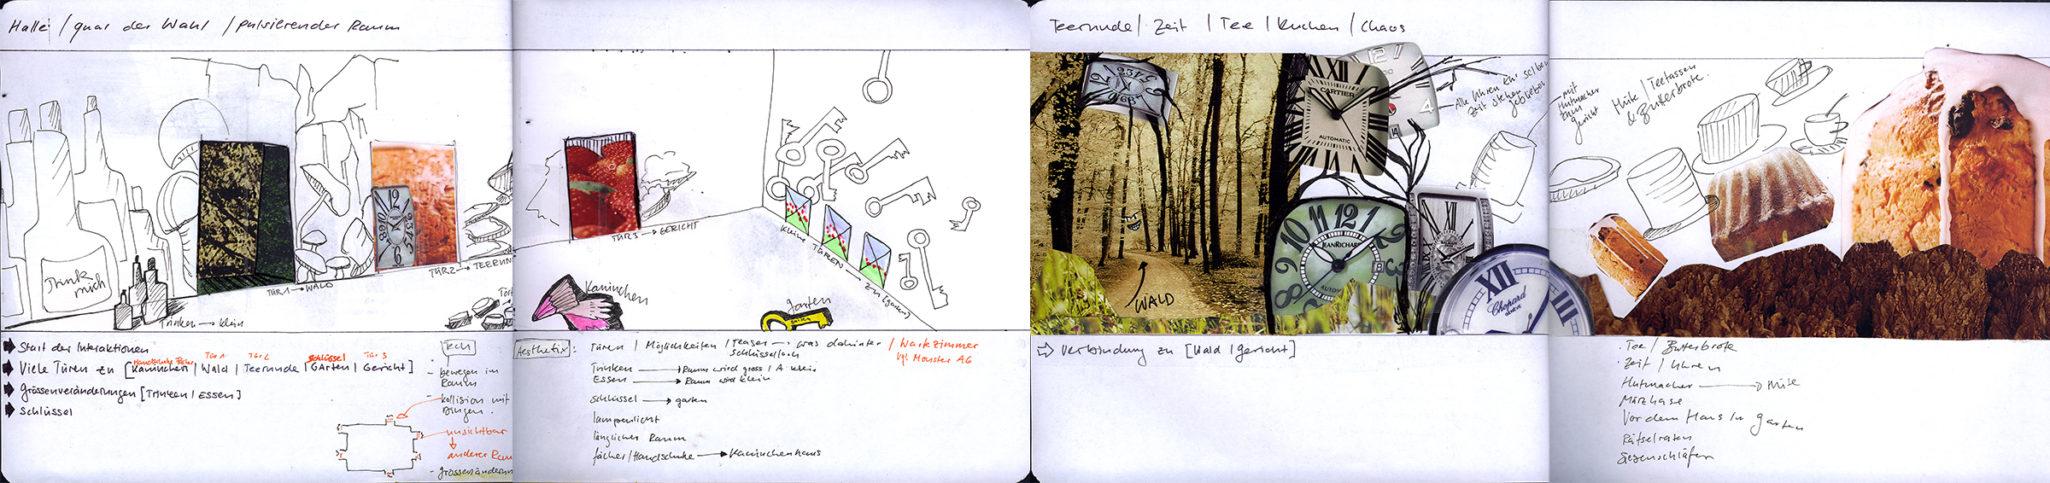 Sketchbook: Wonderland Project